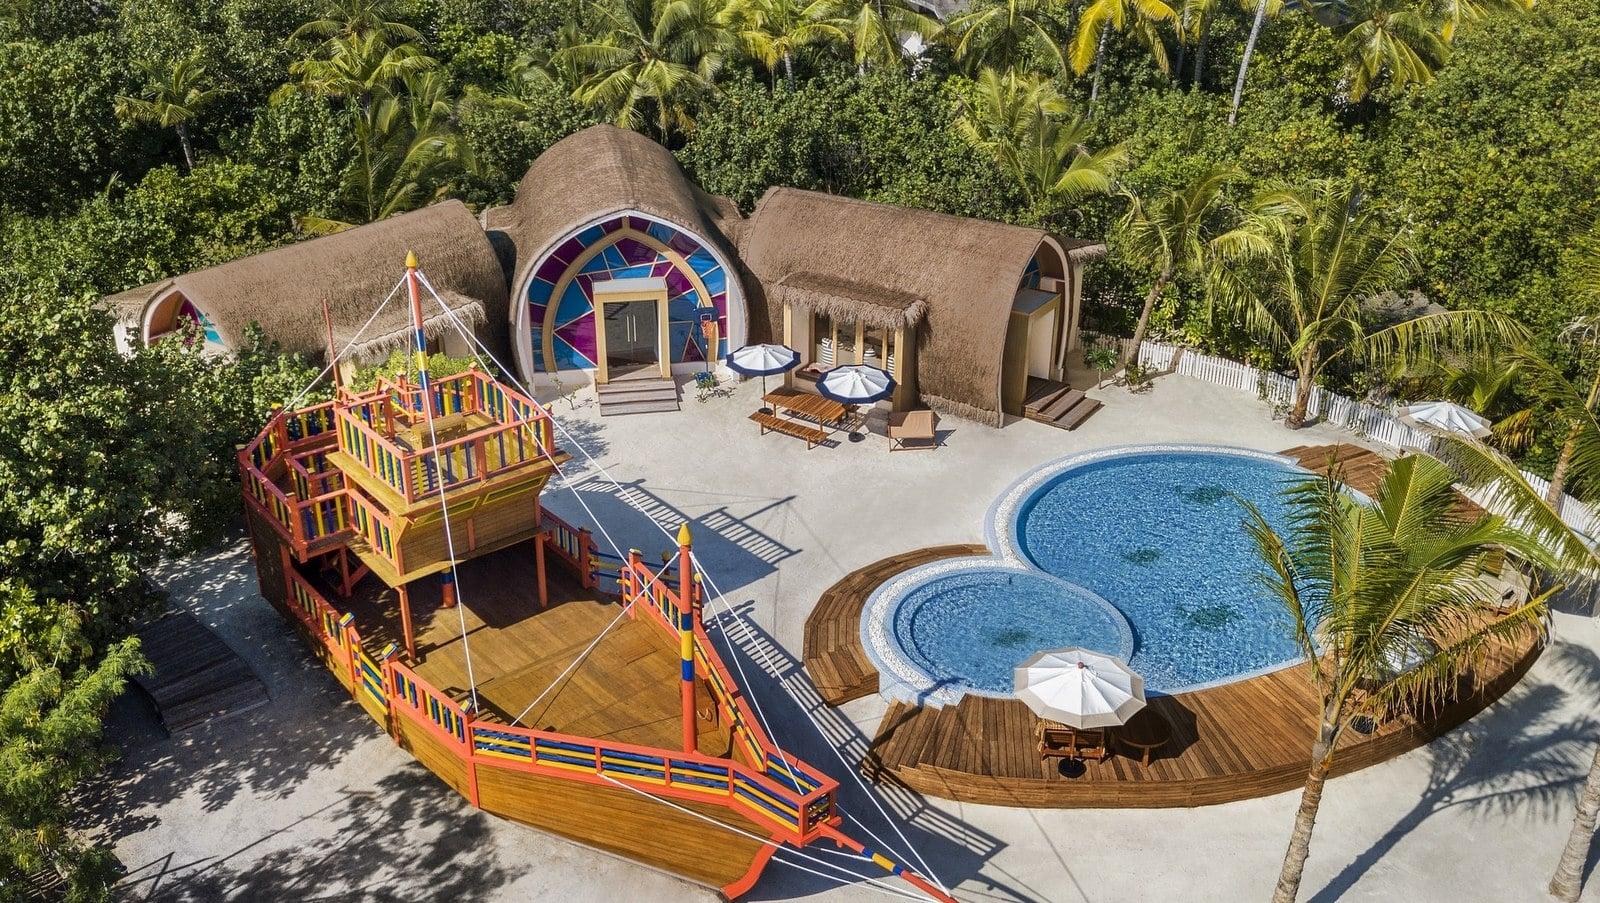 Мальдивы, отель JW Marriott Maldives Resort, детский клуб